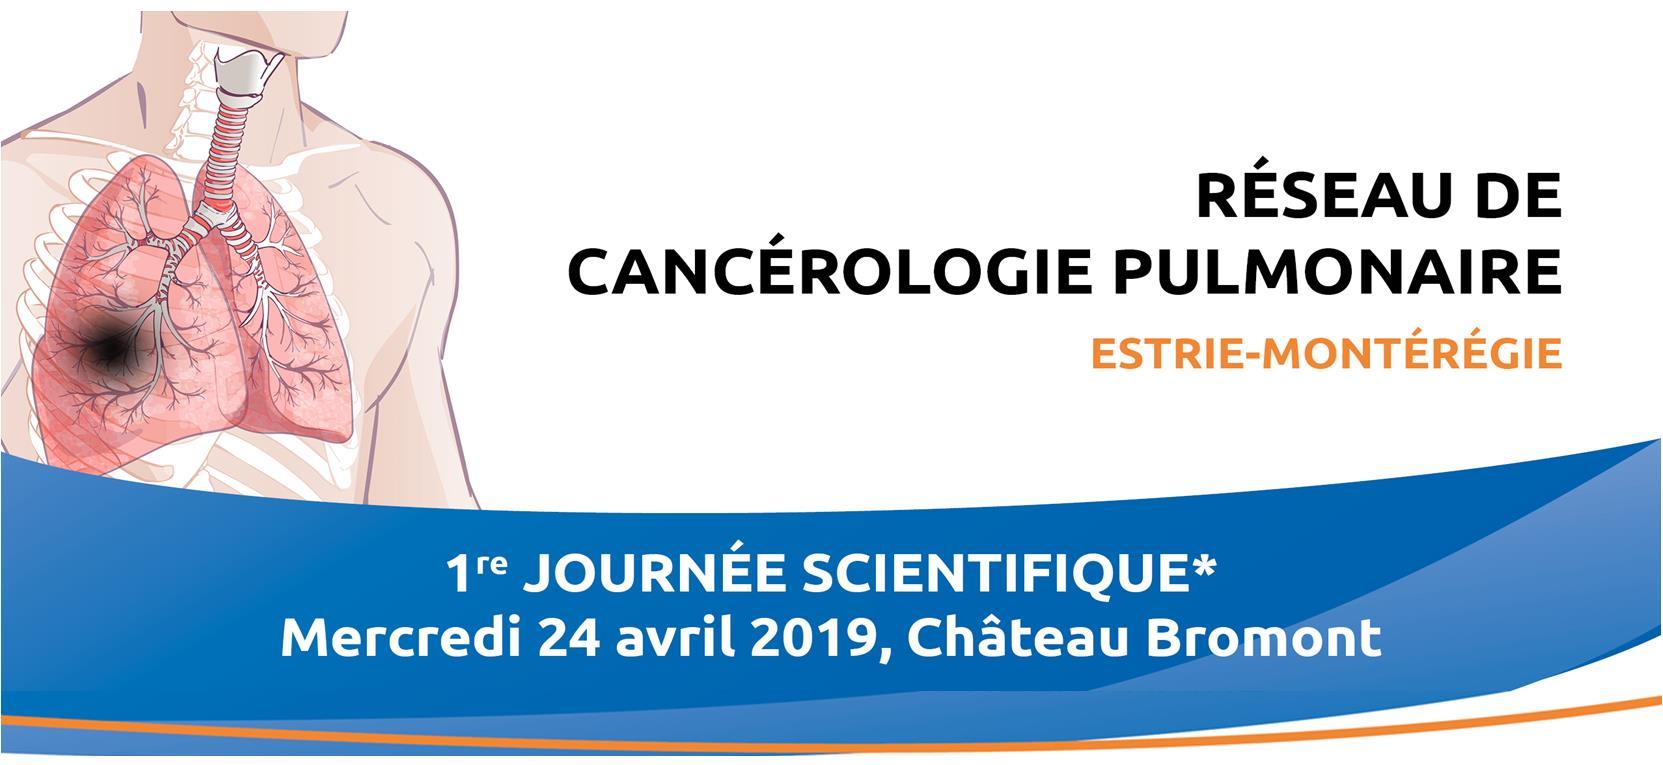 1re Journée scientifique du Réseau de cancérologie pulmonaire Estrie-Montérégie